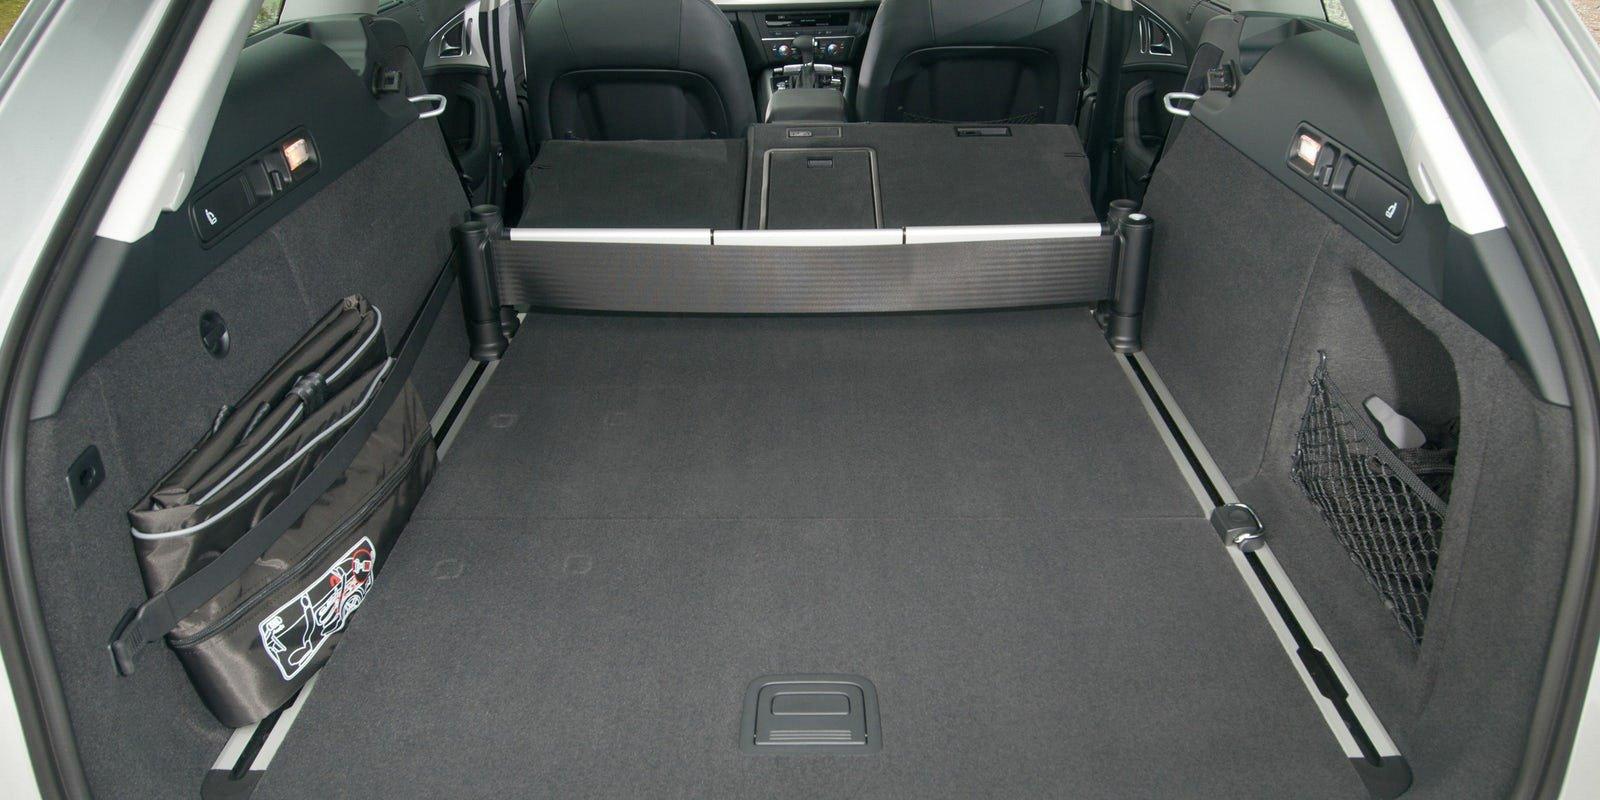 Audi A6 Avant luggage area